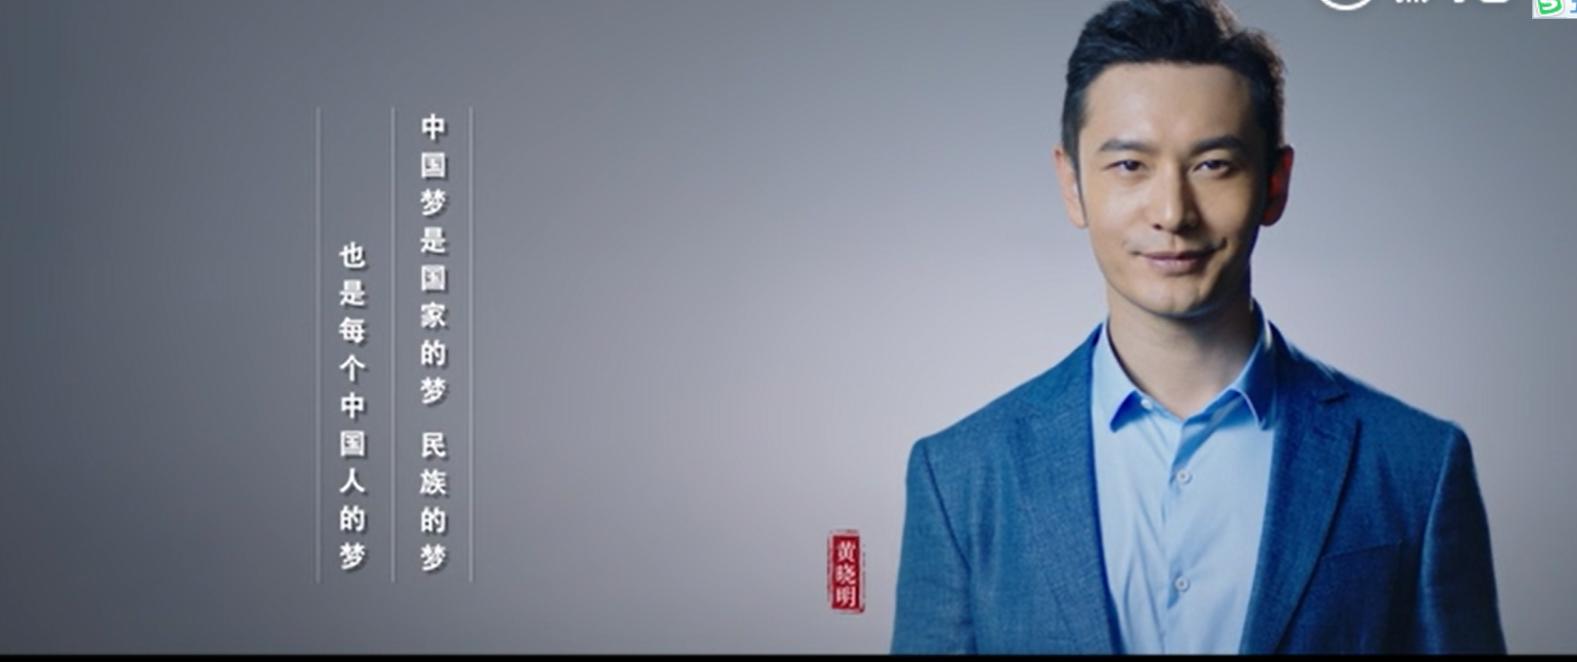 黄晓明向灾区捐款,与baby出演中国梦公益片